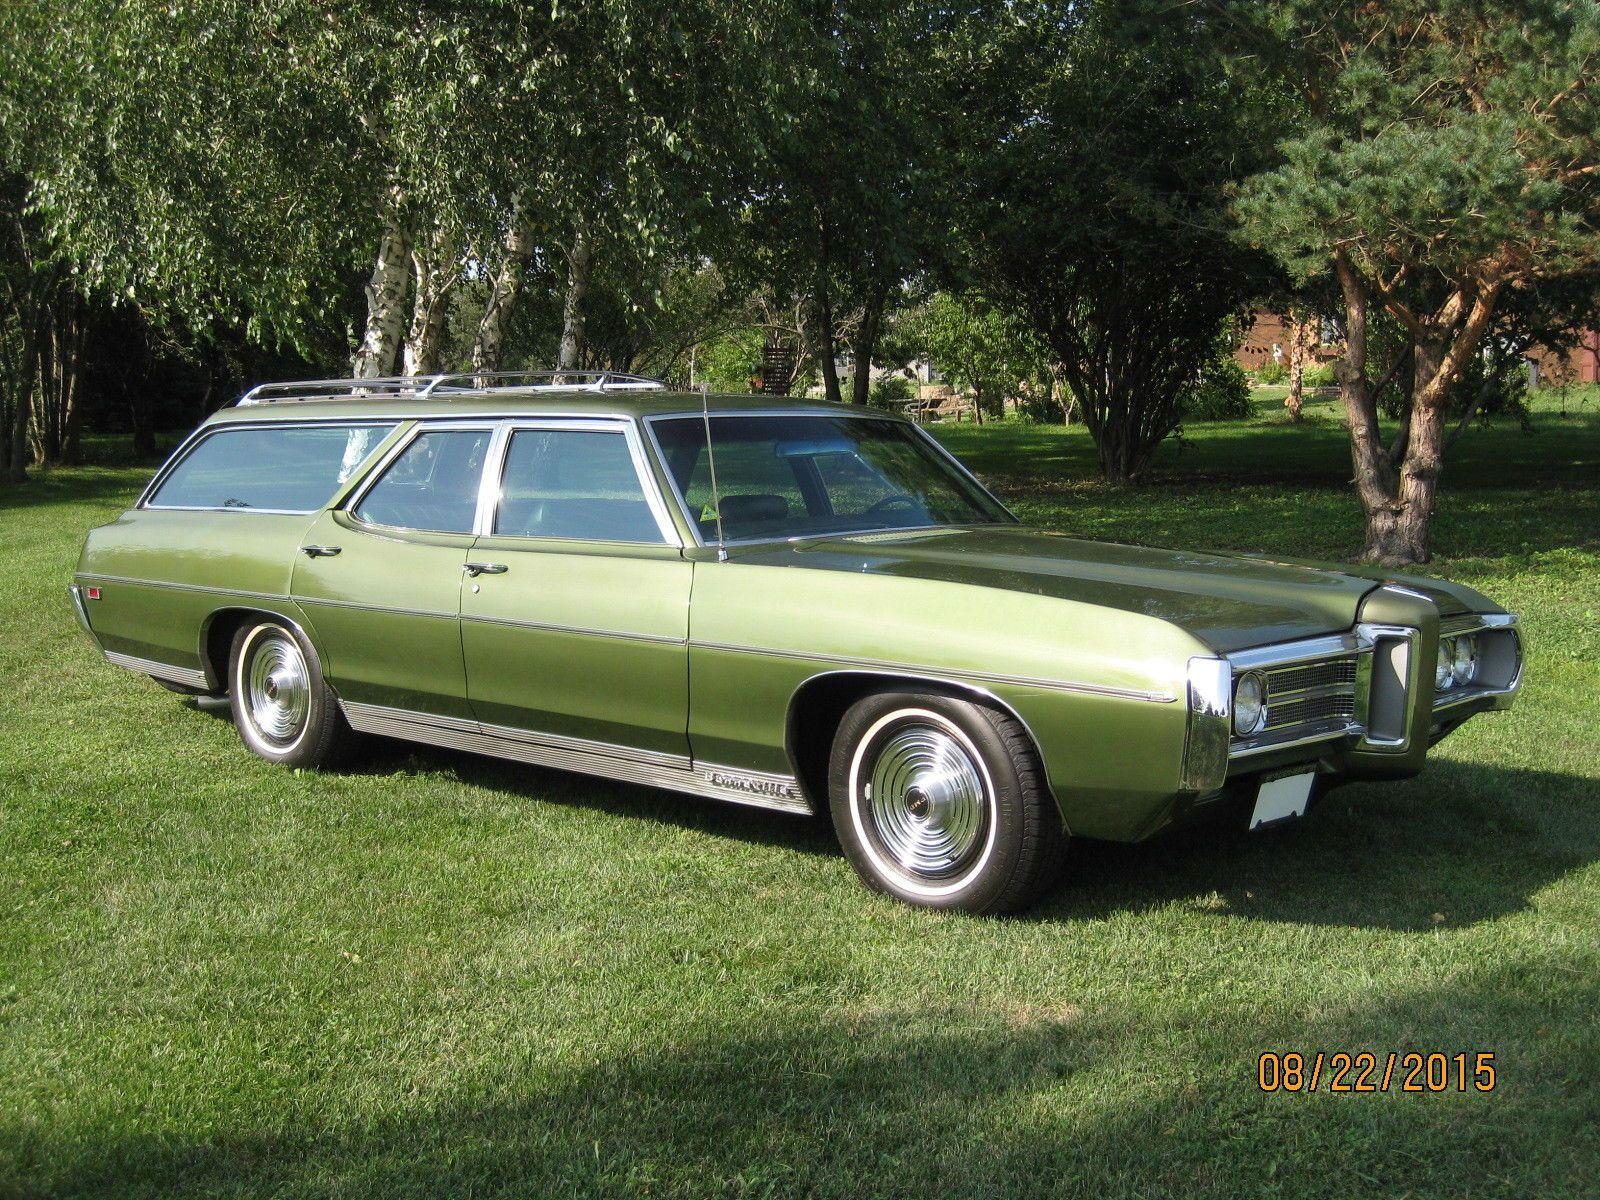 1969 pontiac bonneville safari station wagon [ 1600 x 1200 Pixel ]